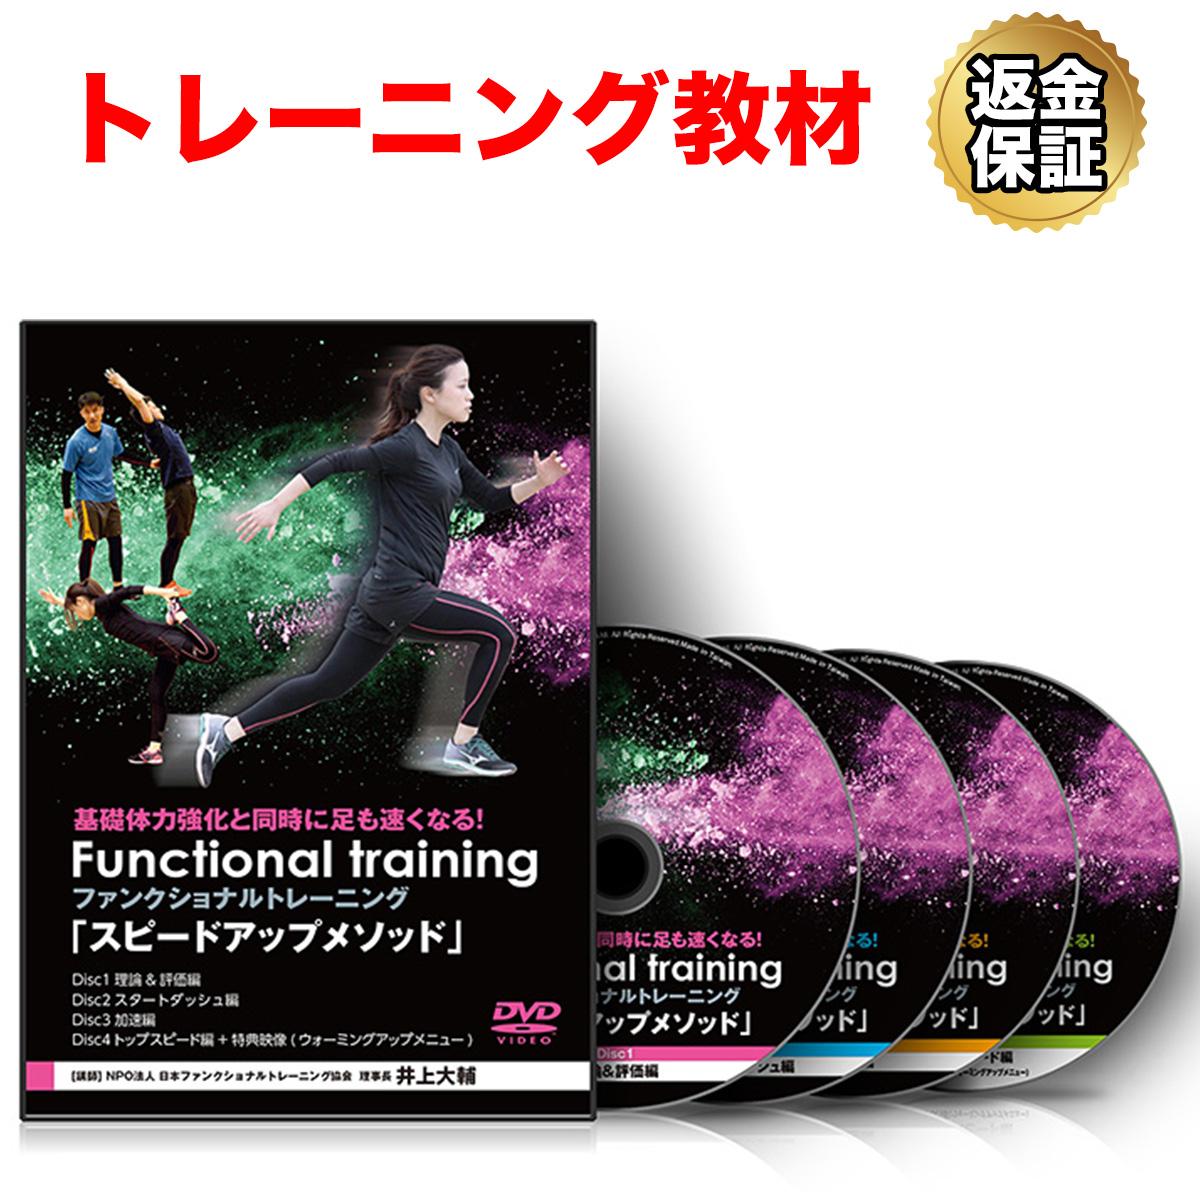 【トレーニング】基礎体力と同時に足も速くなる!ファンクショナルトレーニング「スピードアップメソッド」